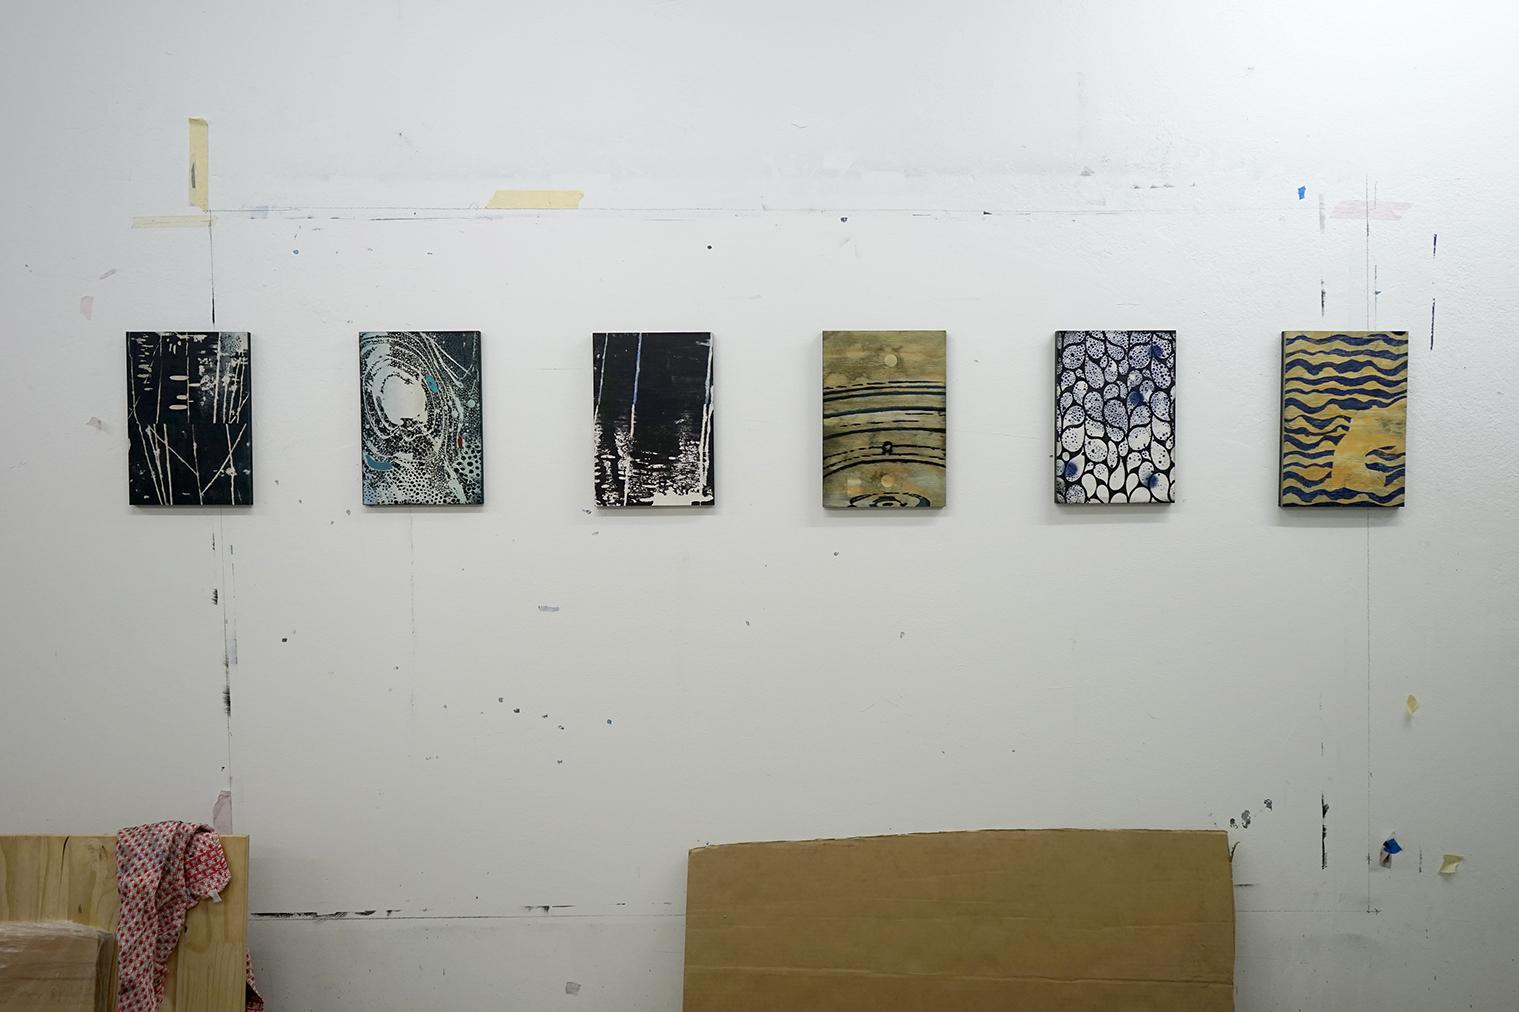 Studio view 2 - 'Waterscopies'